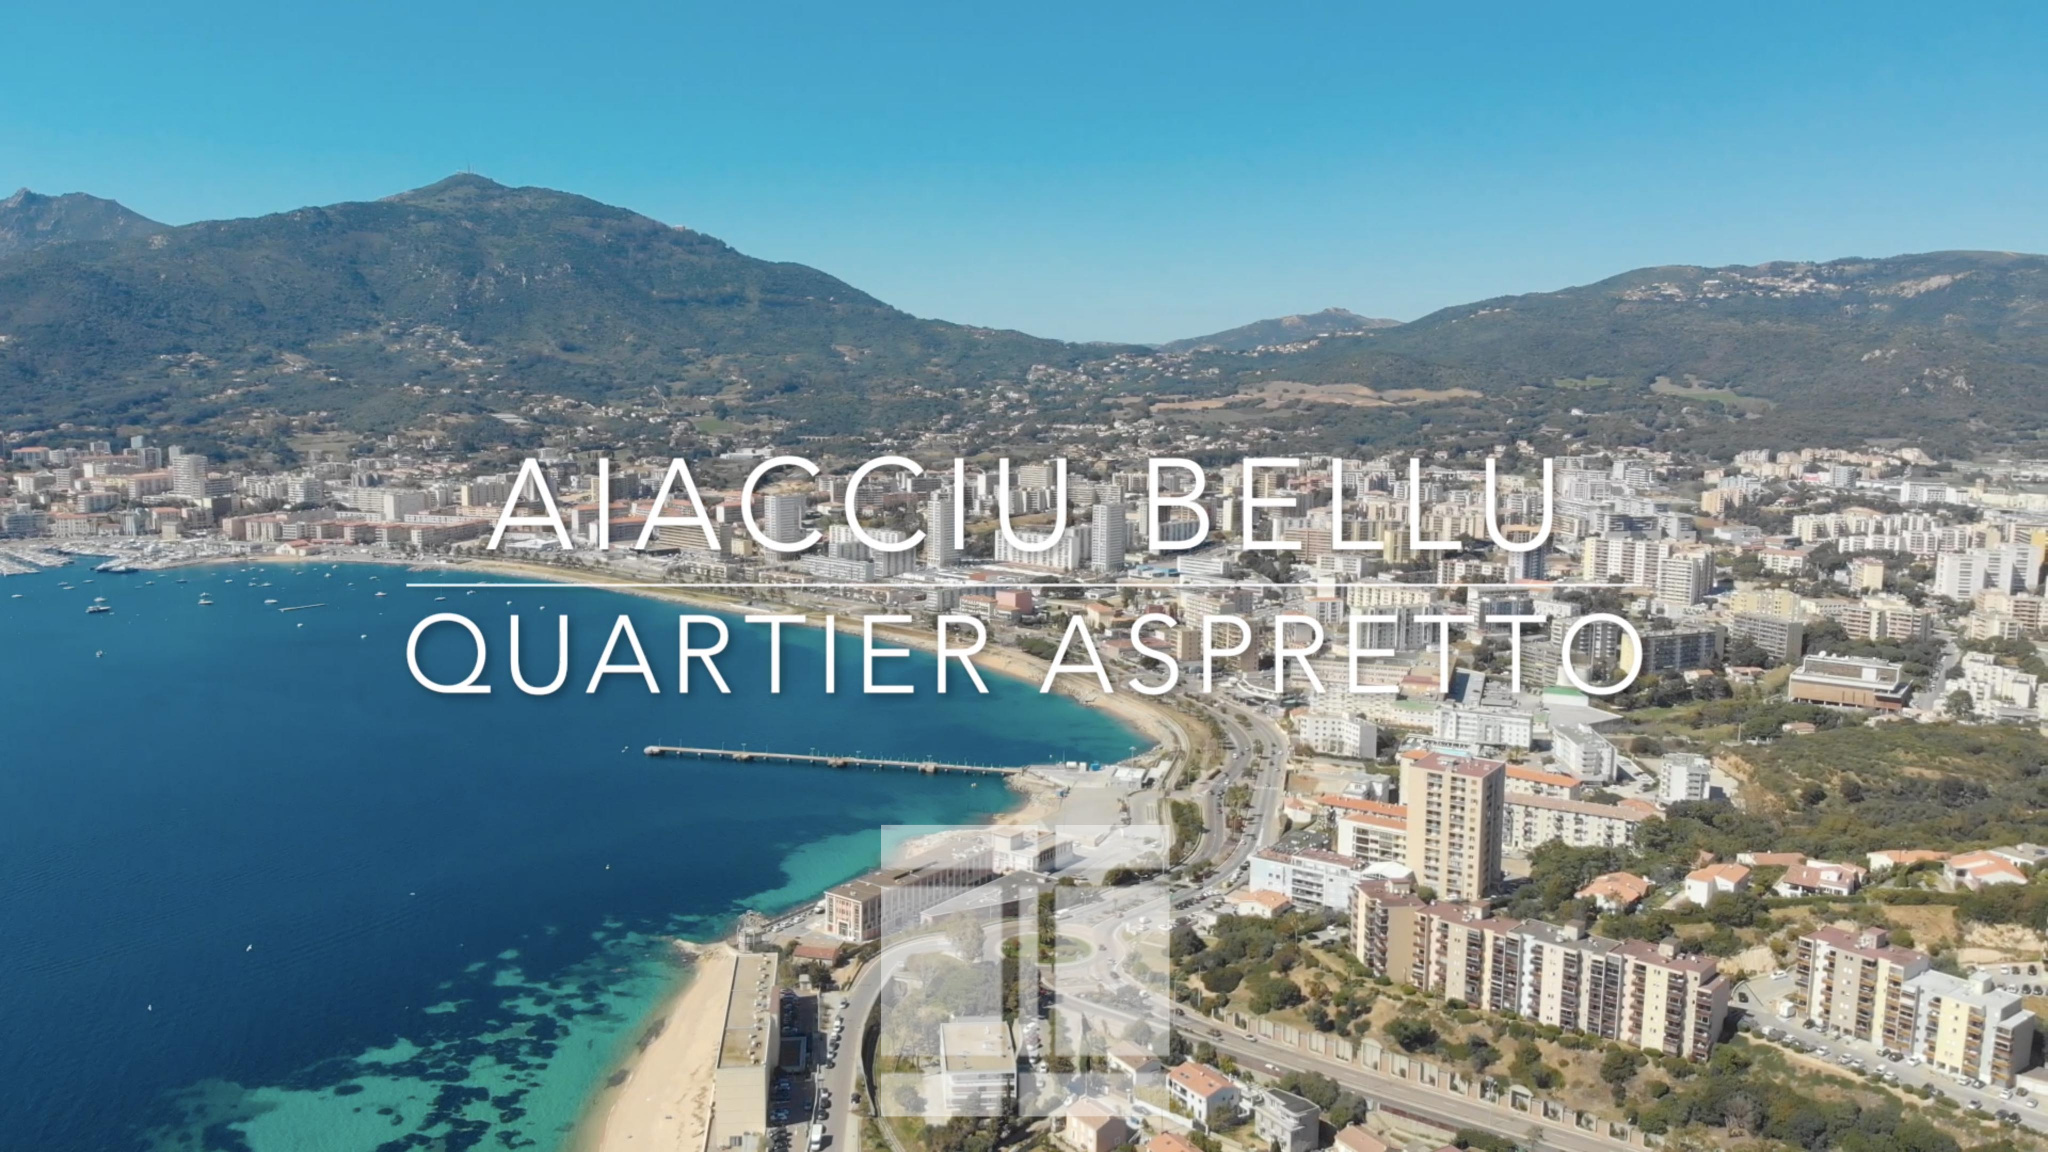 PROGRAMME NEUF AIACCIU BELLU - BUREAU - QUARTIER ASPRETTO